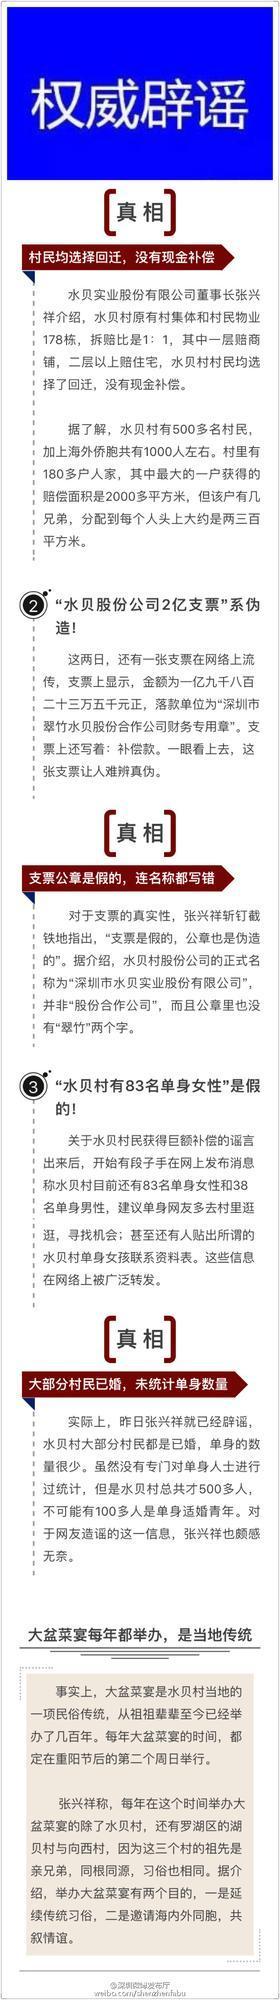 拆迁每家获赔2亿是谣言!深圳水贝村民已报警